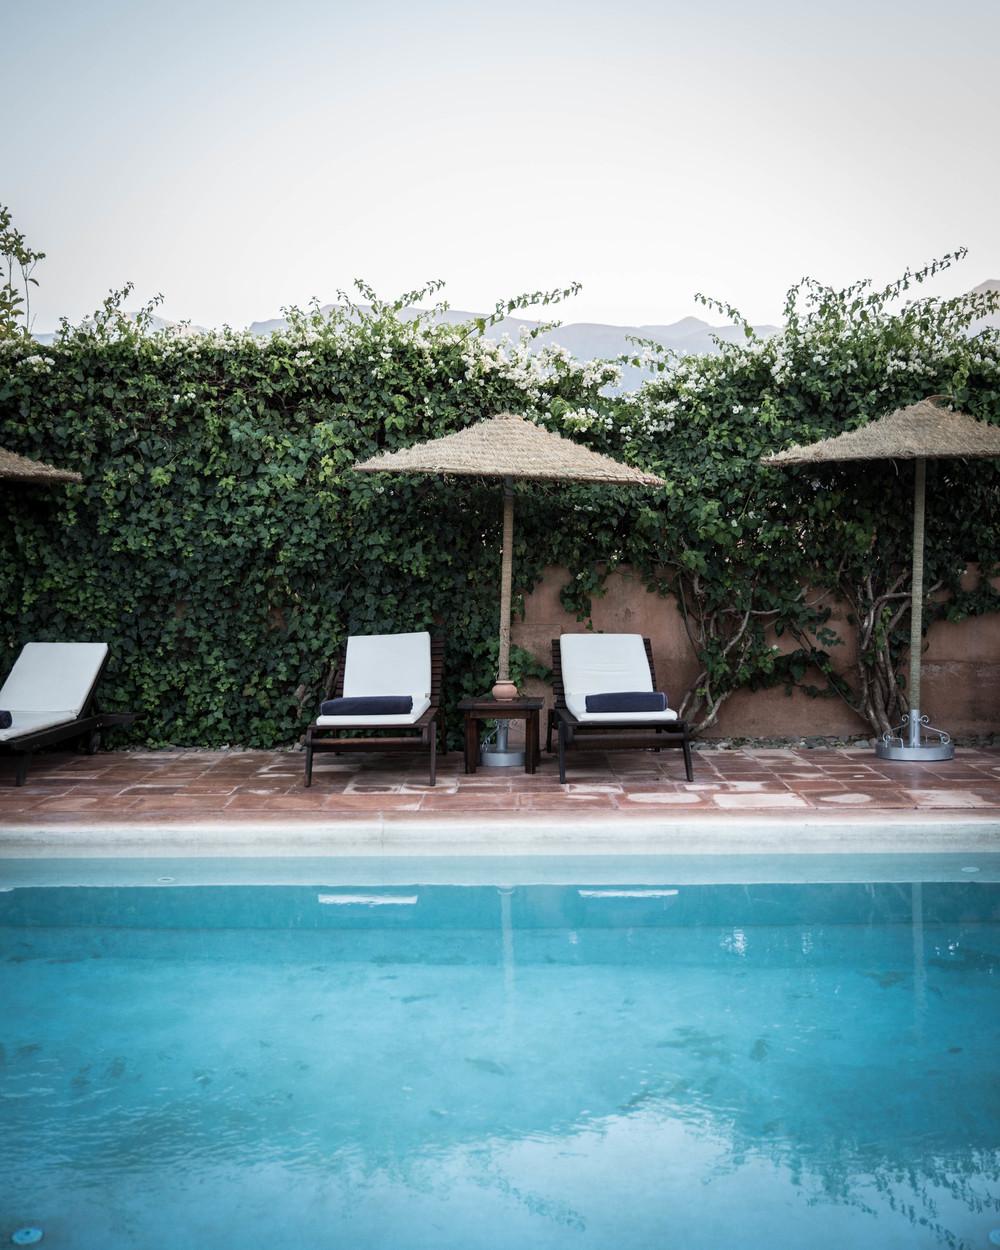 marrakech pool.jpg